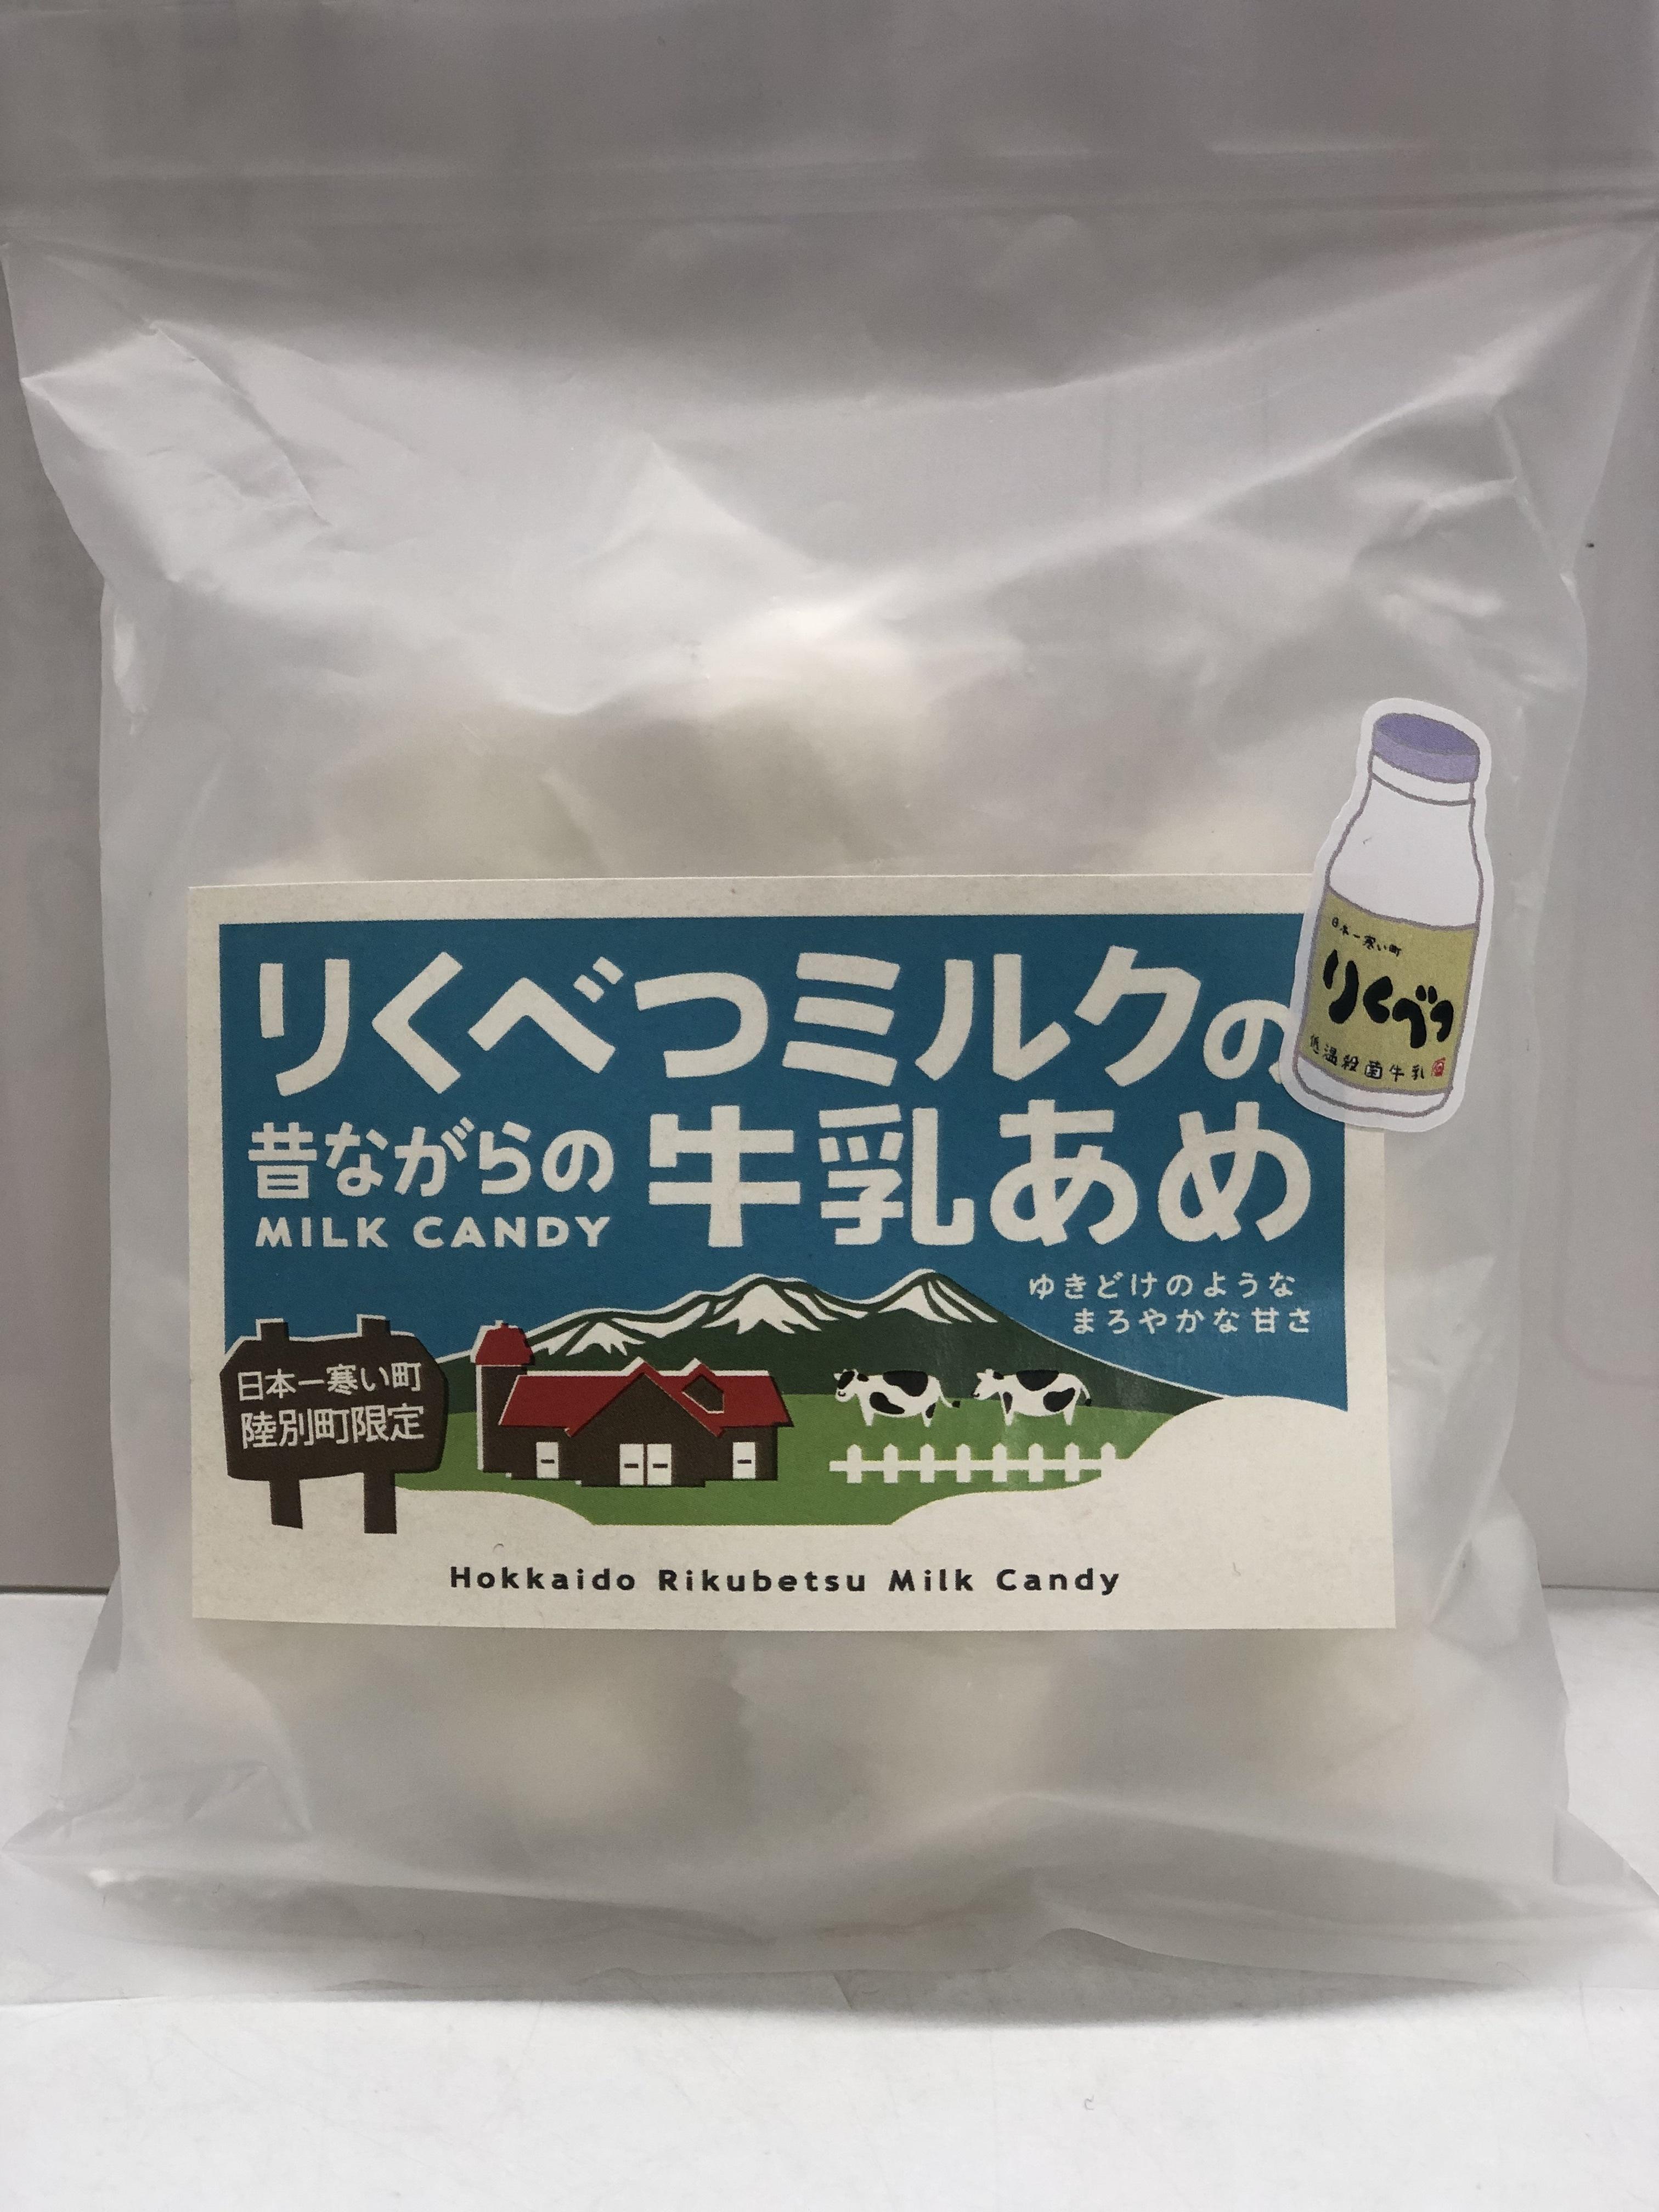 【常温】りくべつミルクの昔ながらの牛乳あめ(袋) - 画像2